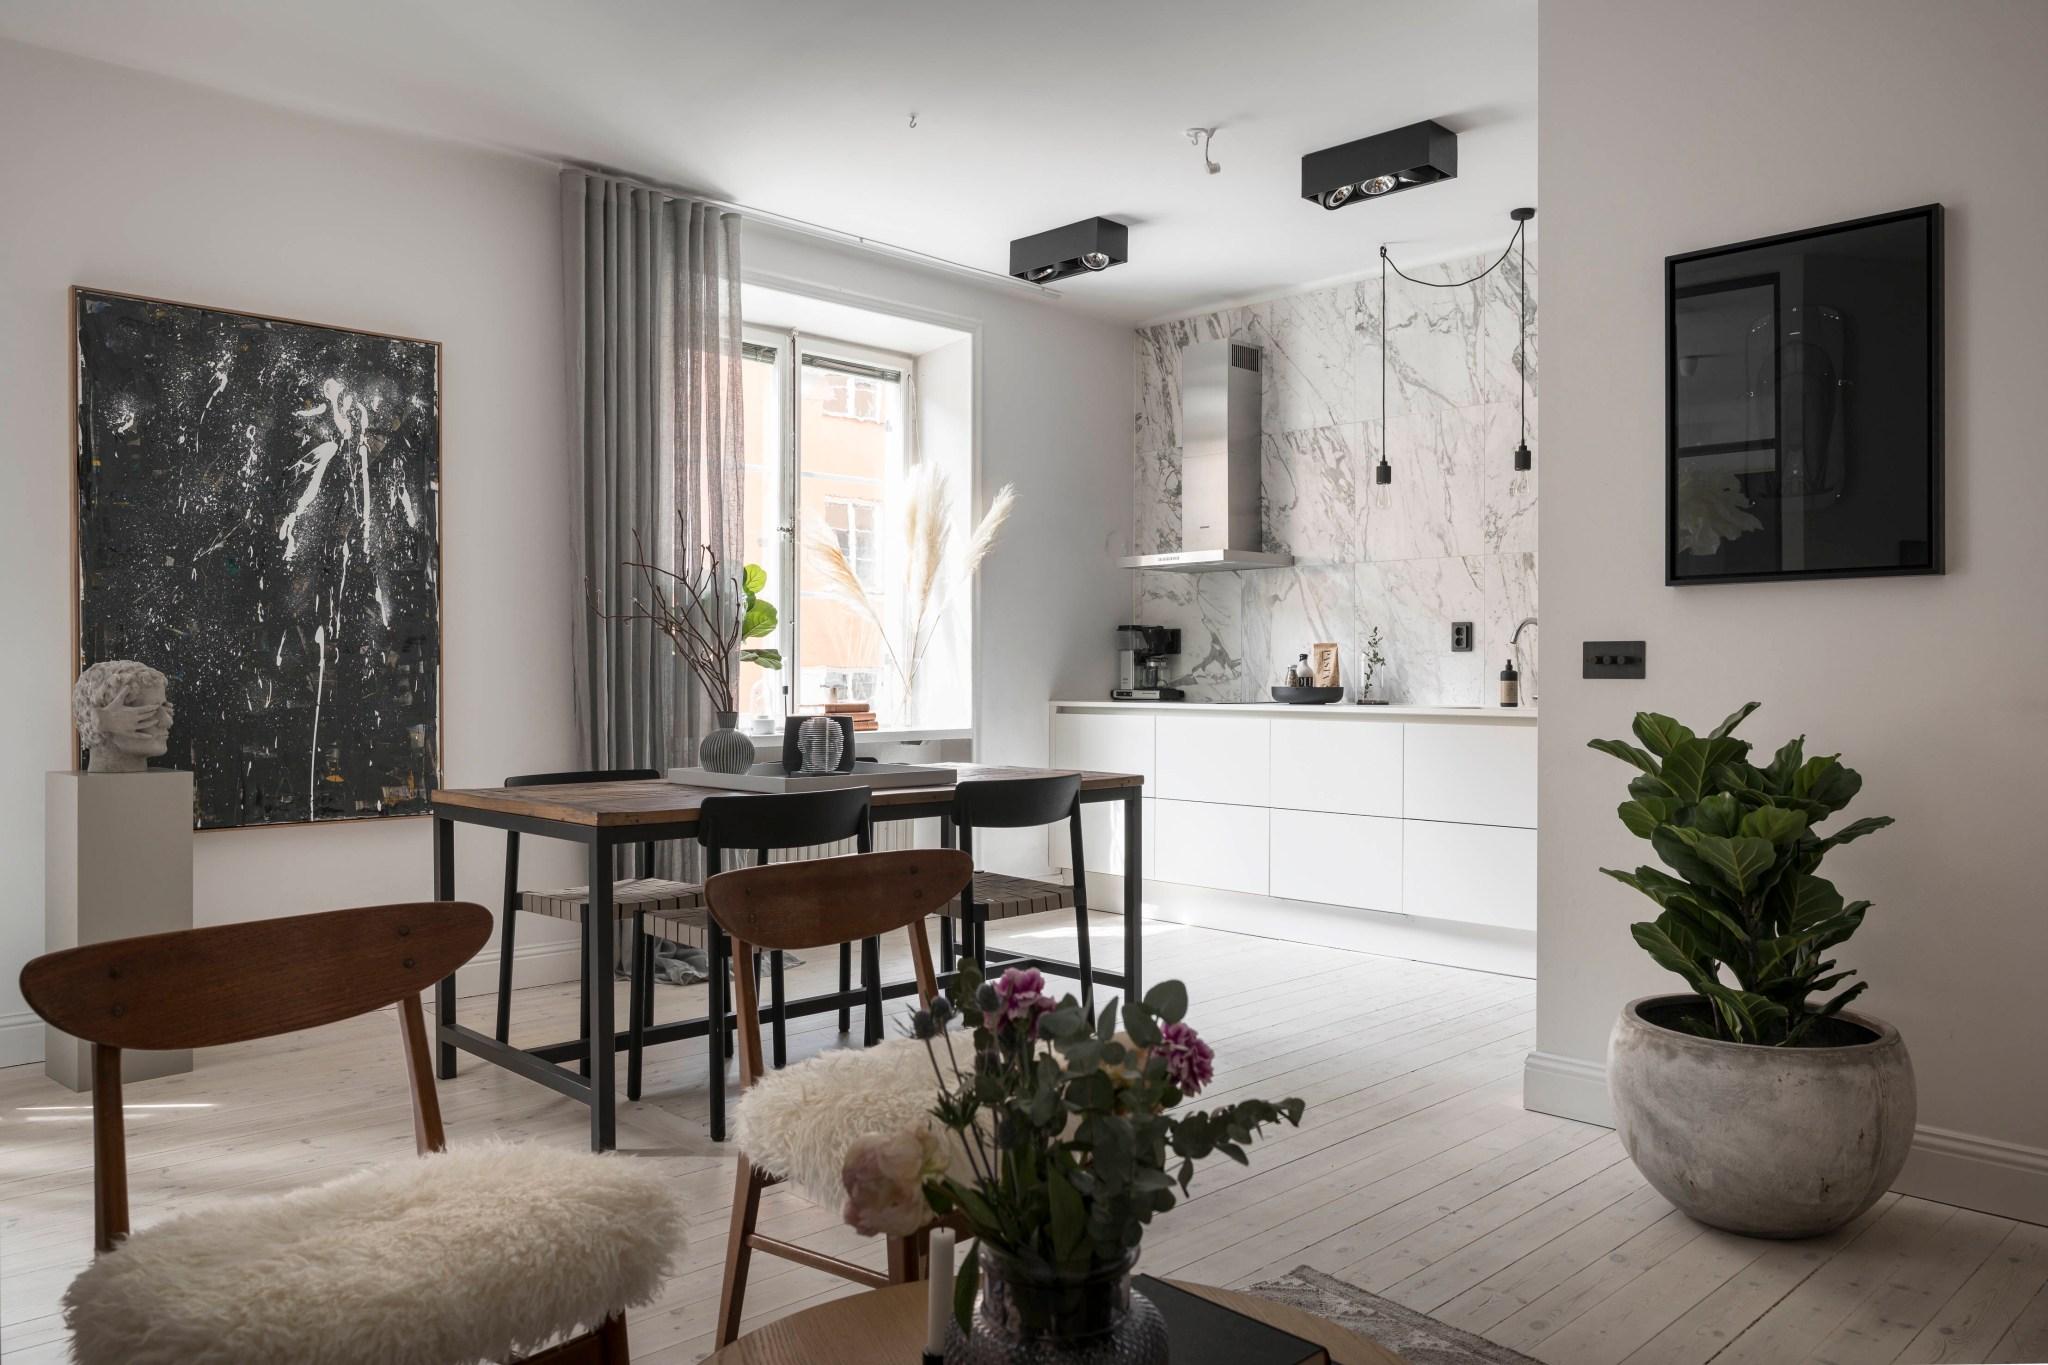 Uși de sticlă între living și dormitor într o garsonieră de 49 m² din Suedia 3